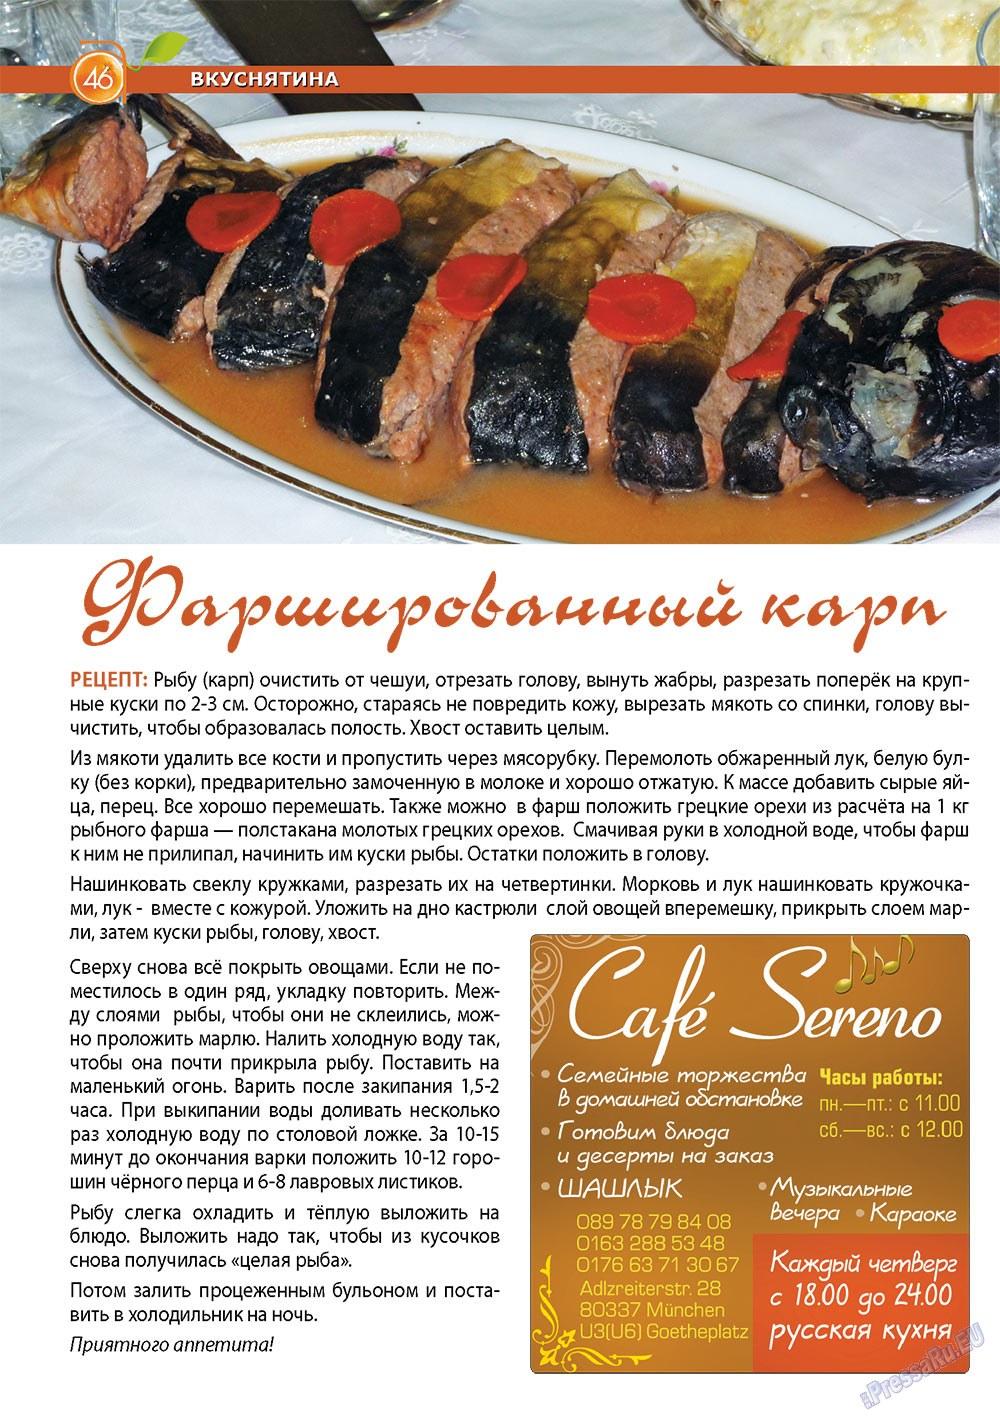 Апельсин (журнал). 2013 год, номер 43, стр. 44